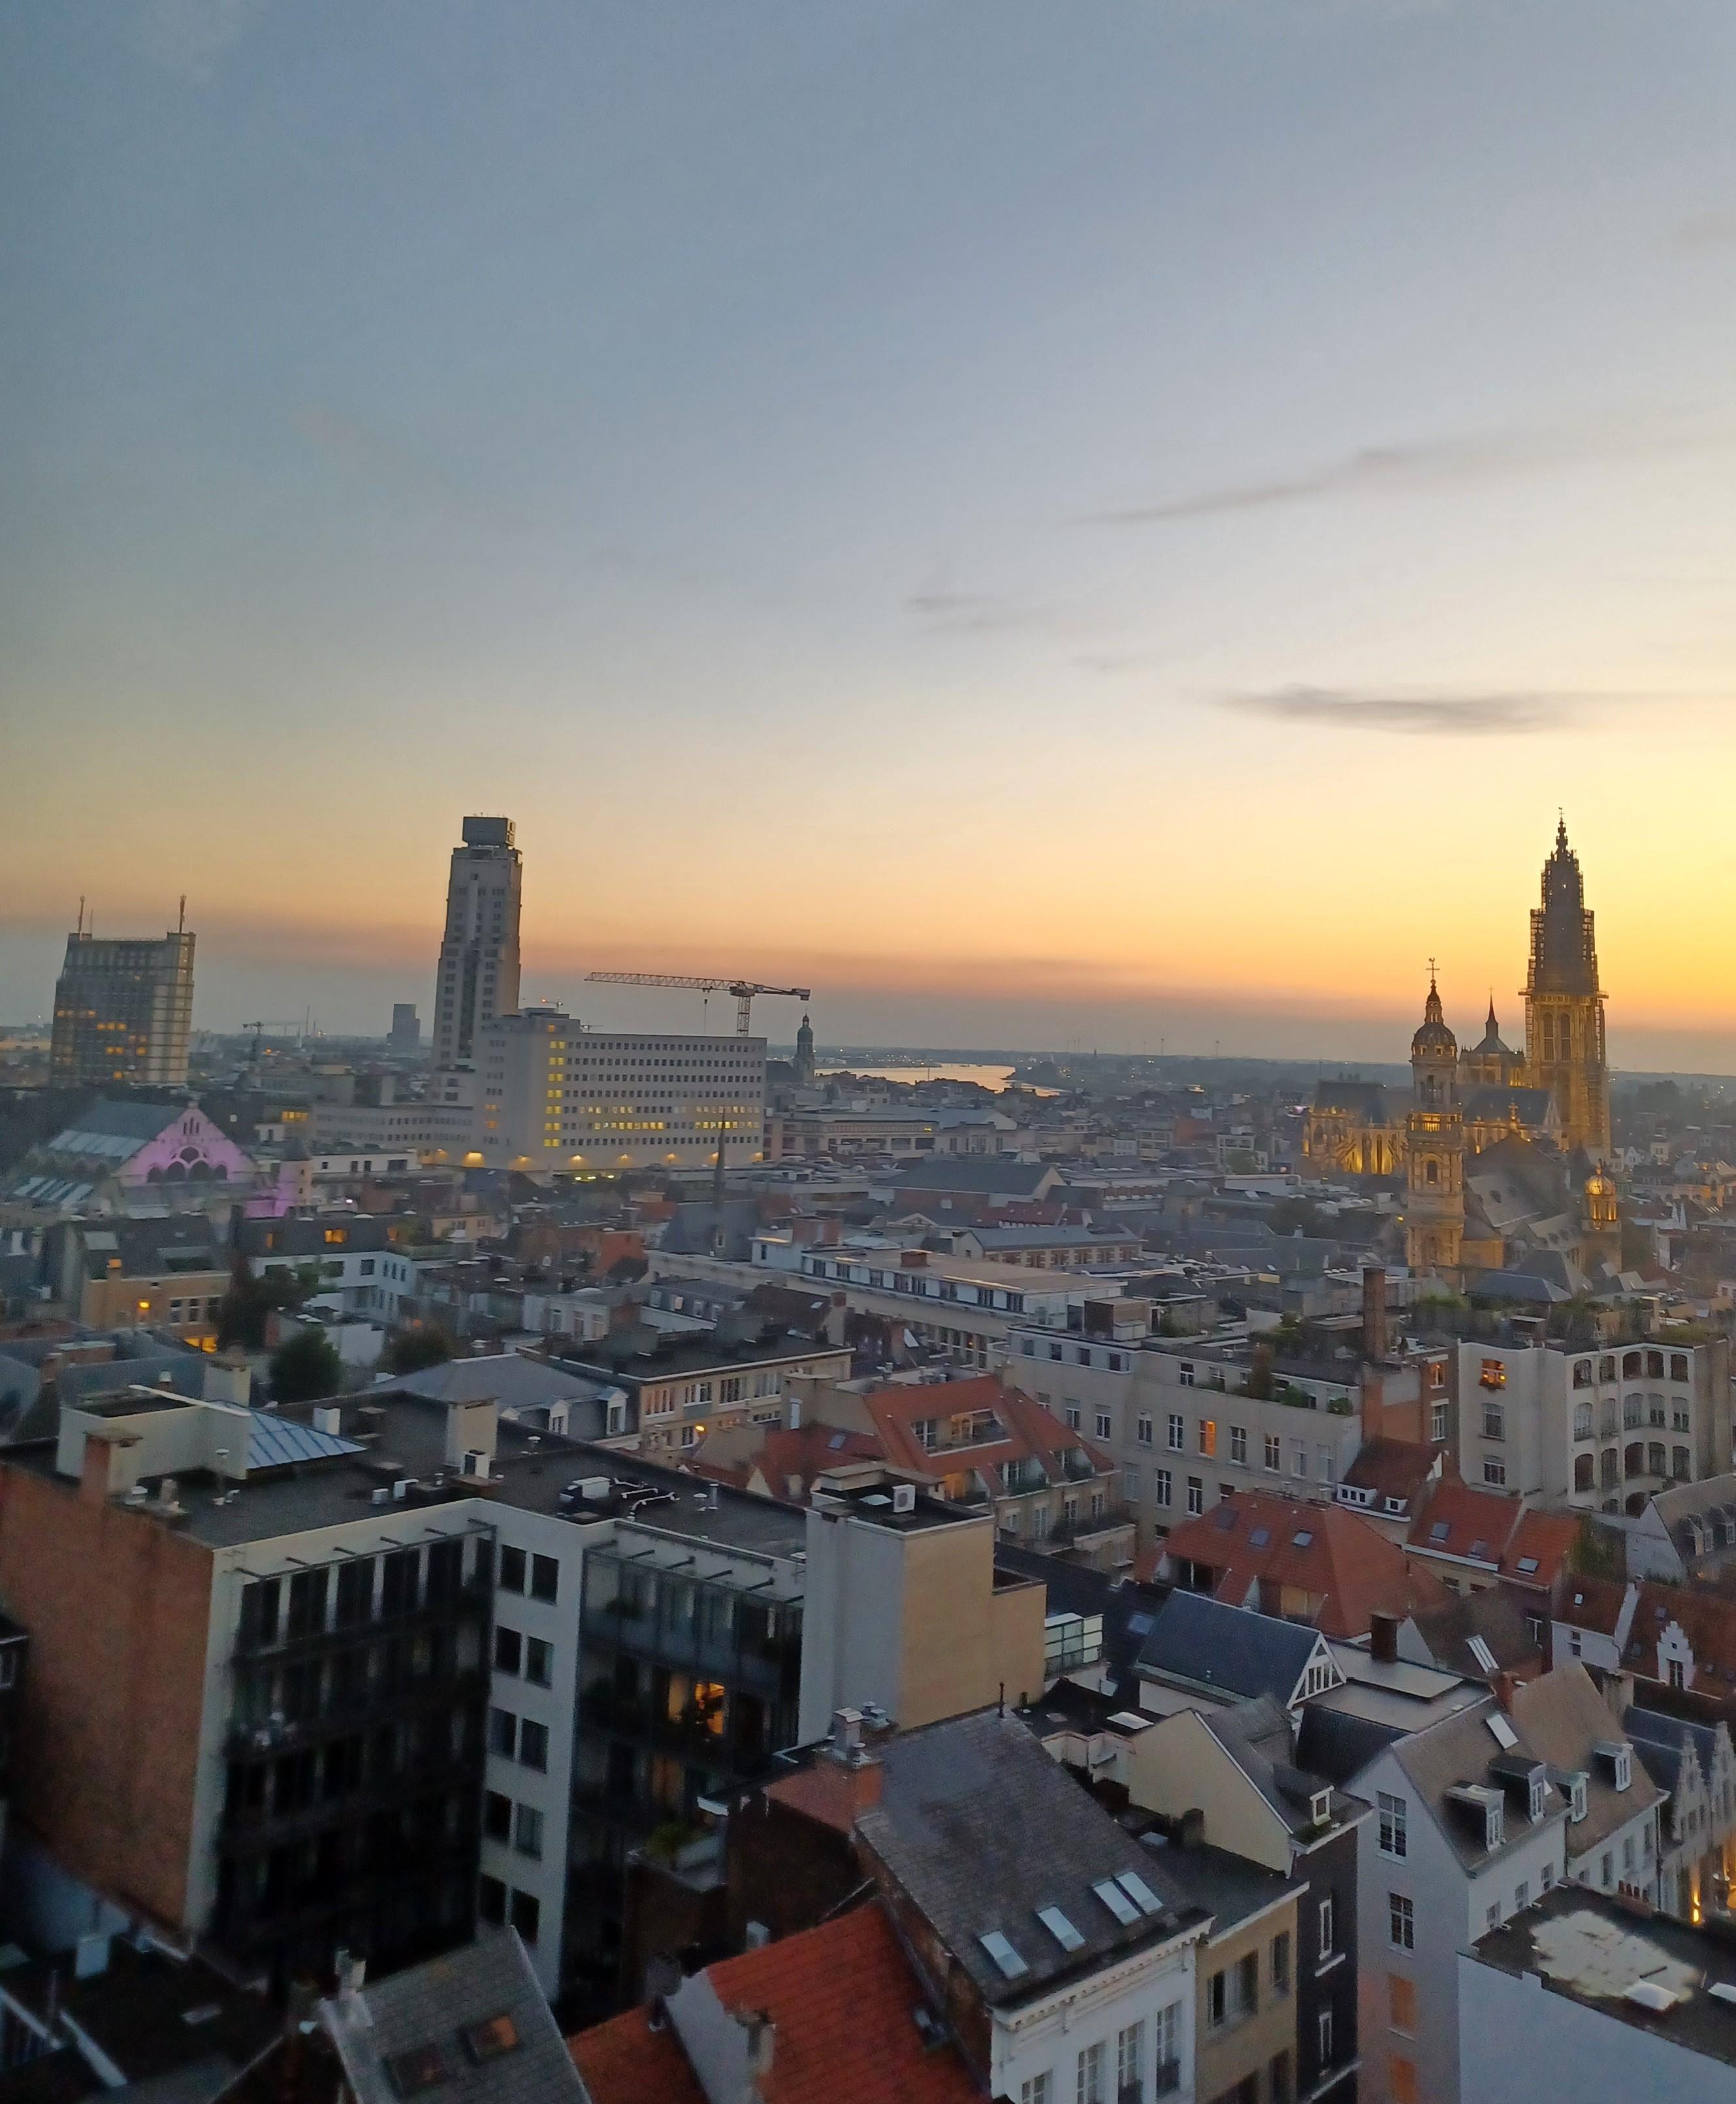 Utazás az ismeretlenbe, avagy egy félév kezdete Antwerpenben